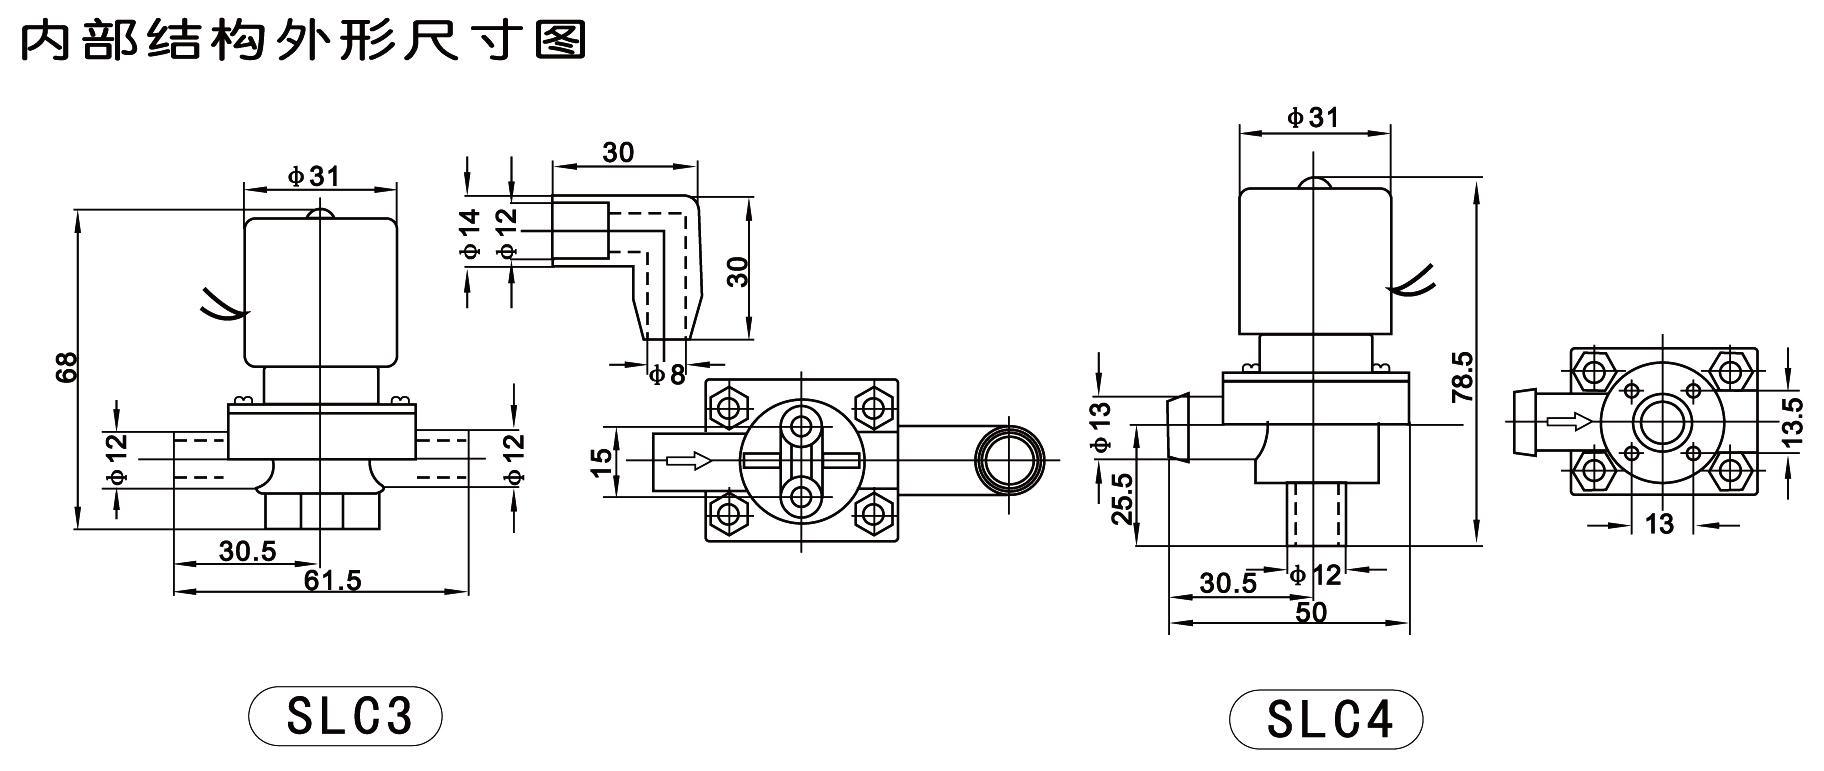 饮水机电磁阀有哪些连接方式